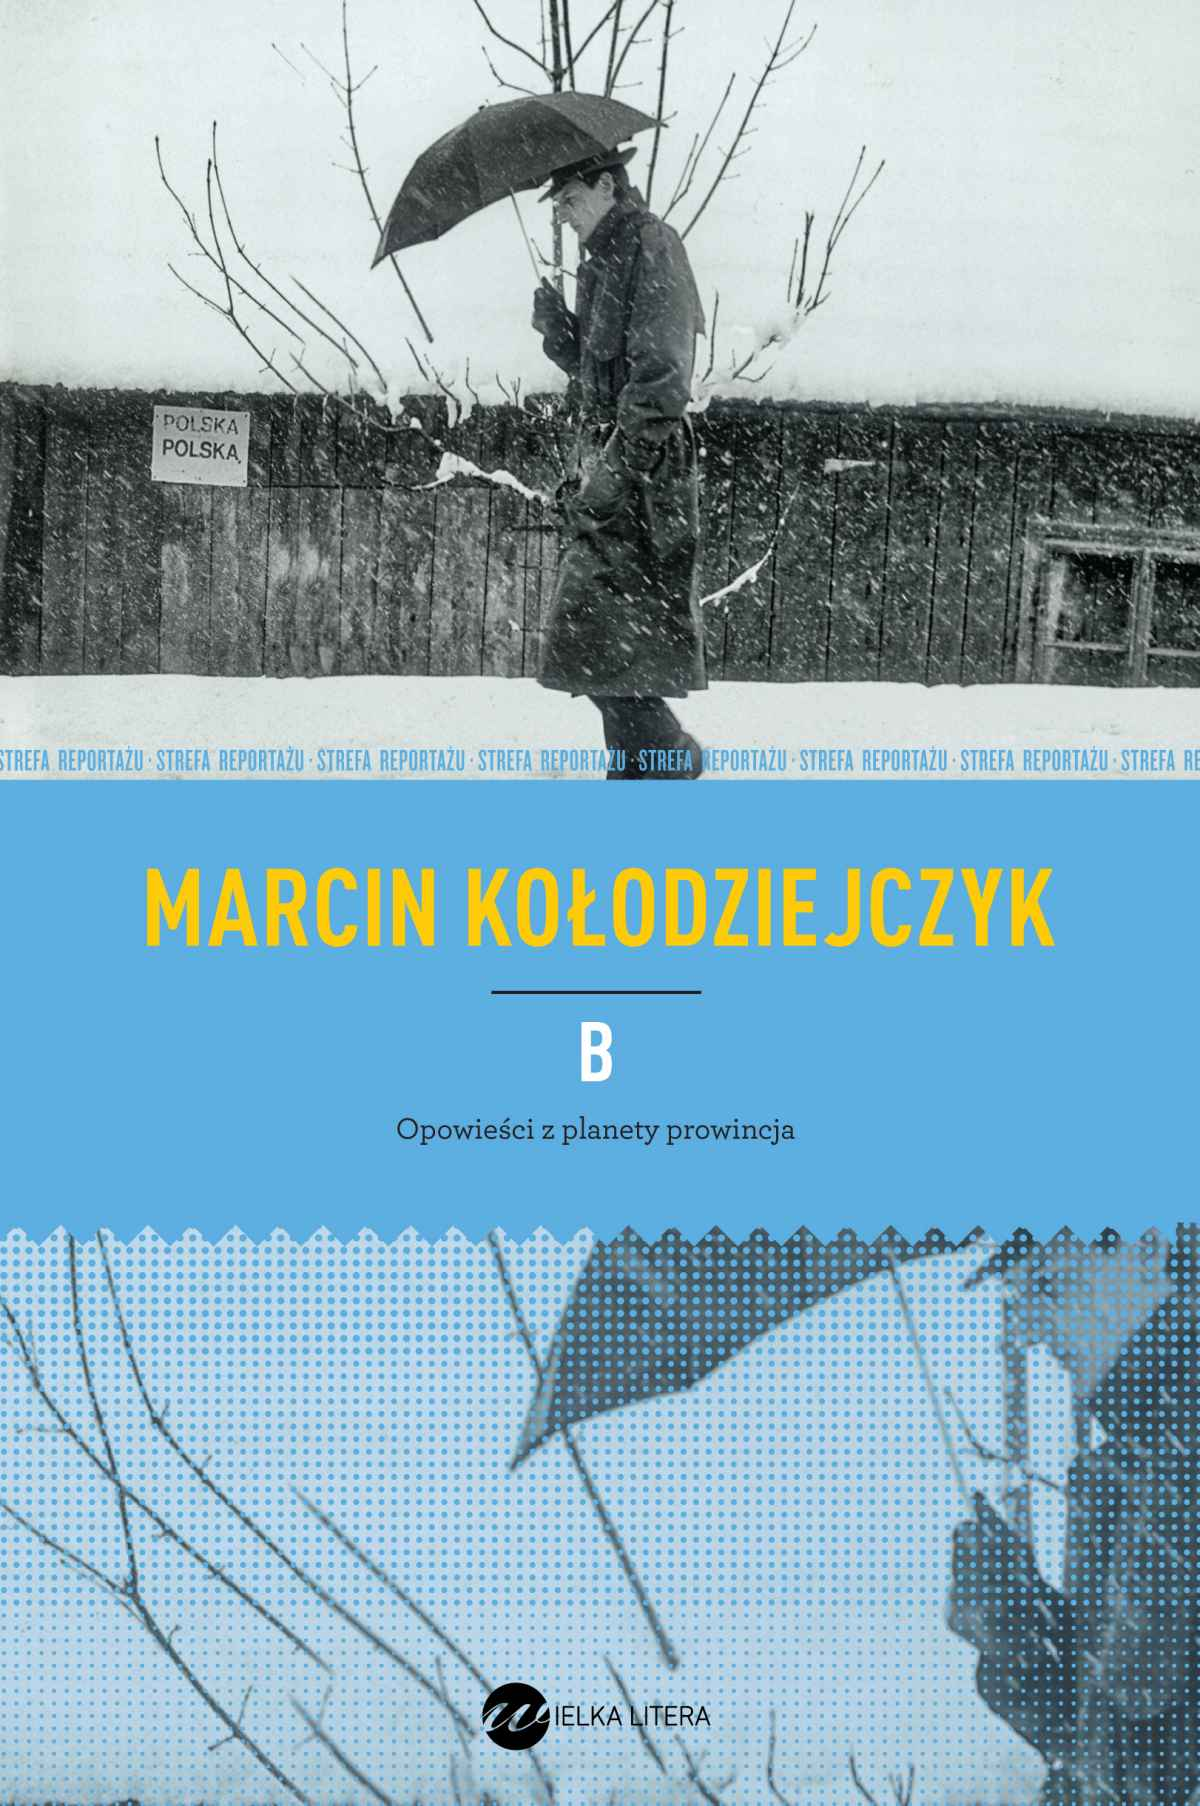 B. Opowieści z planety prowincja - Ebook (Książka EPUB) do pobrania w formacie EPUB